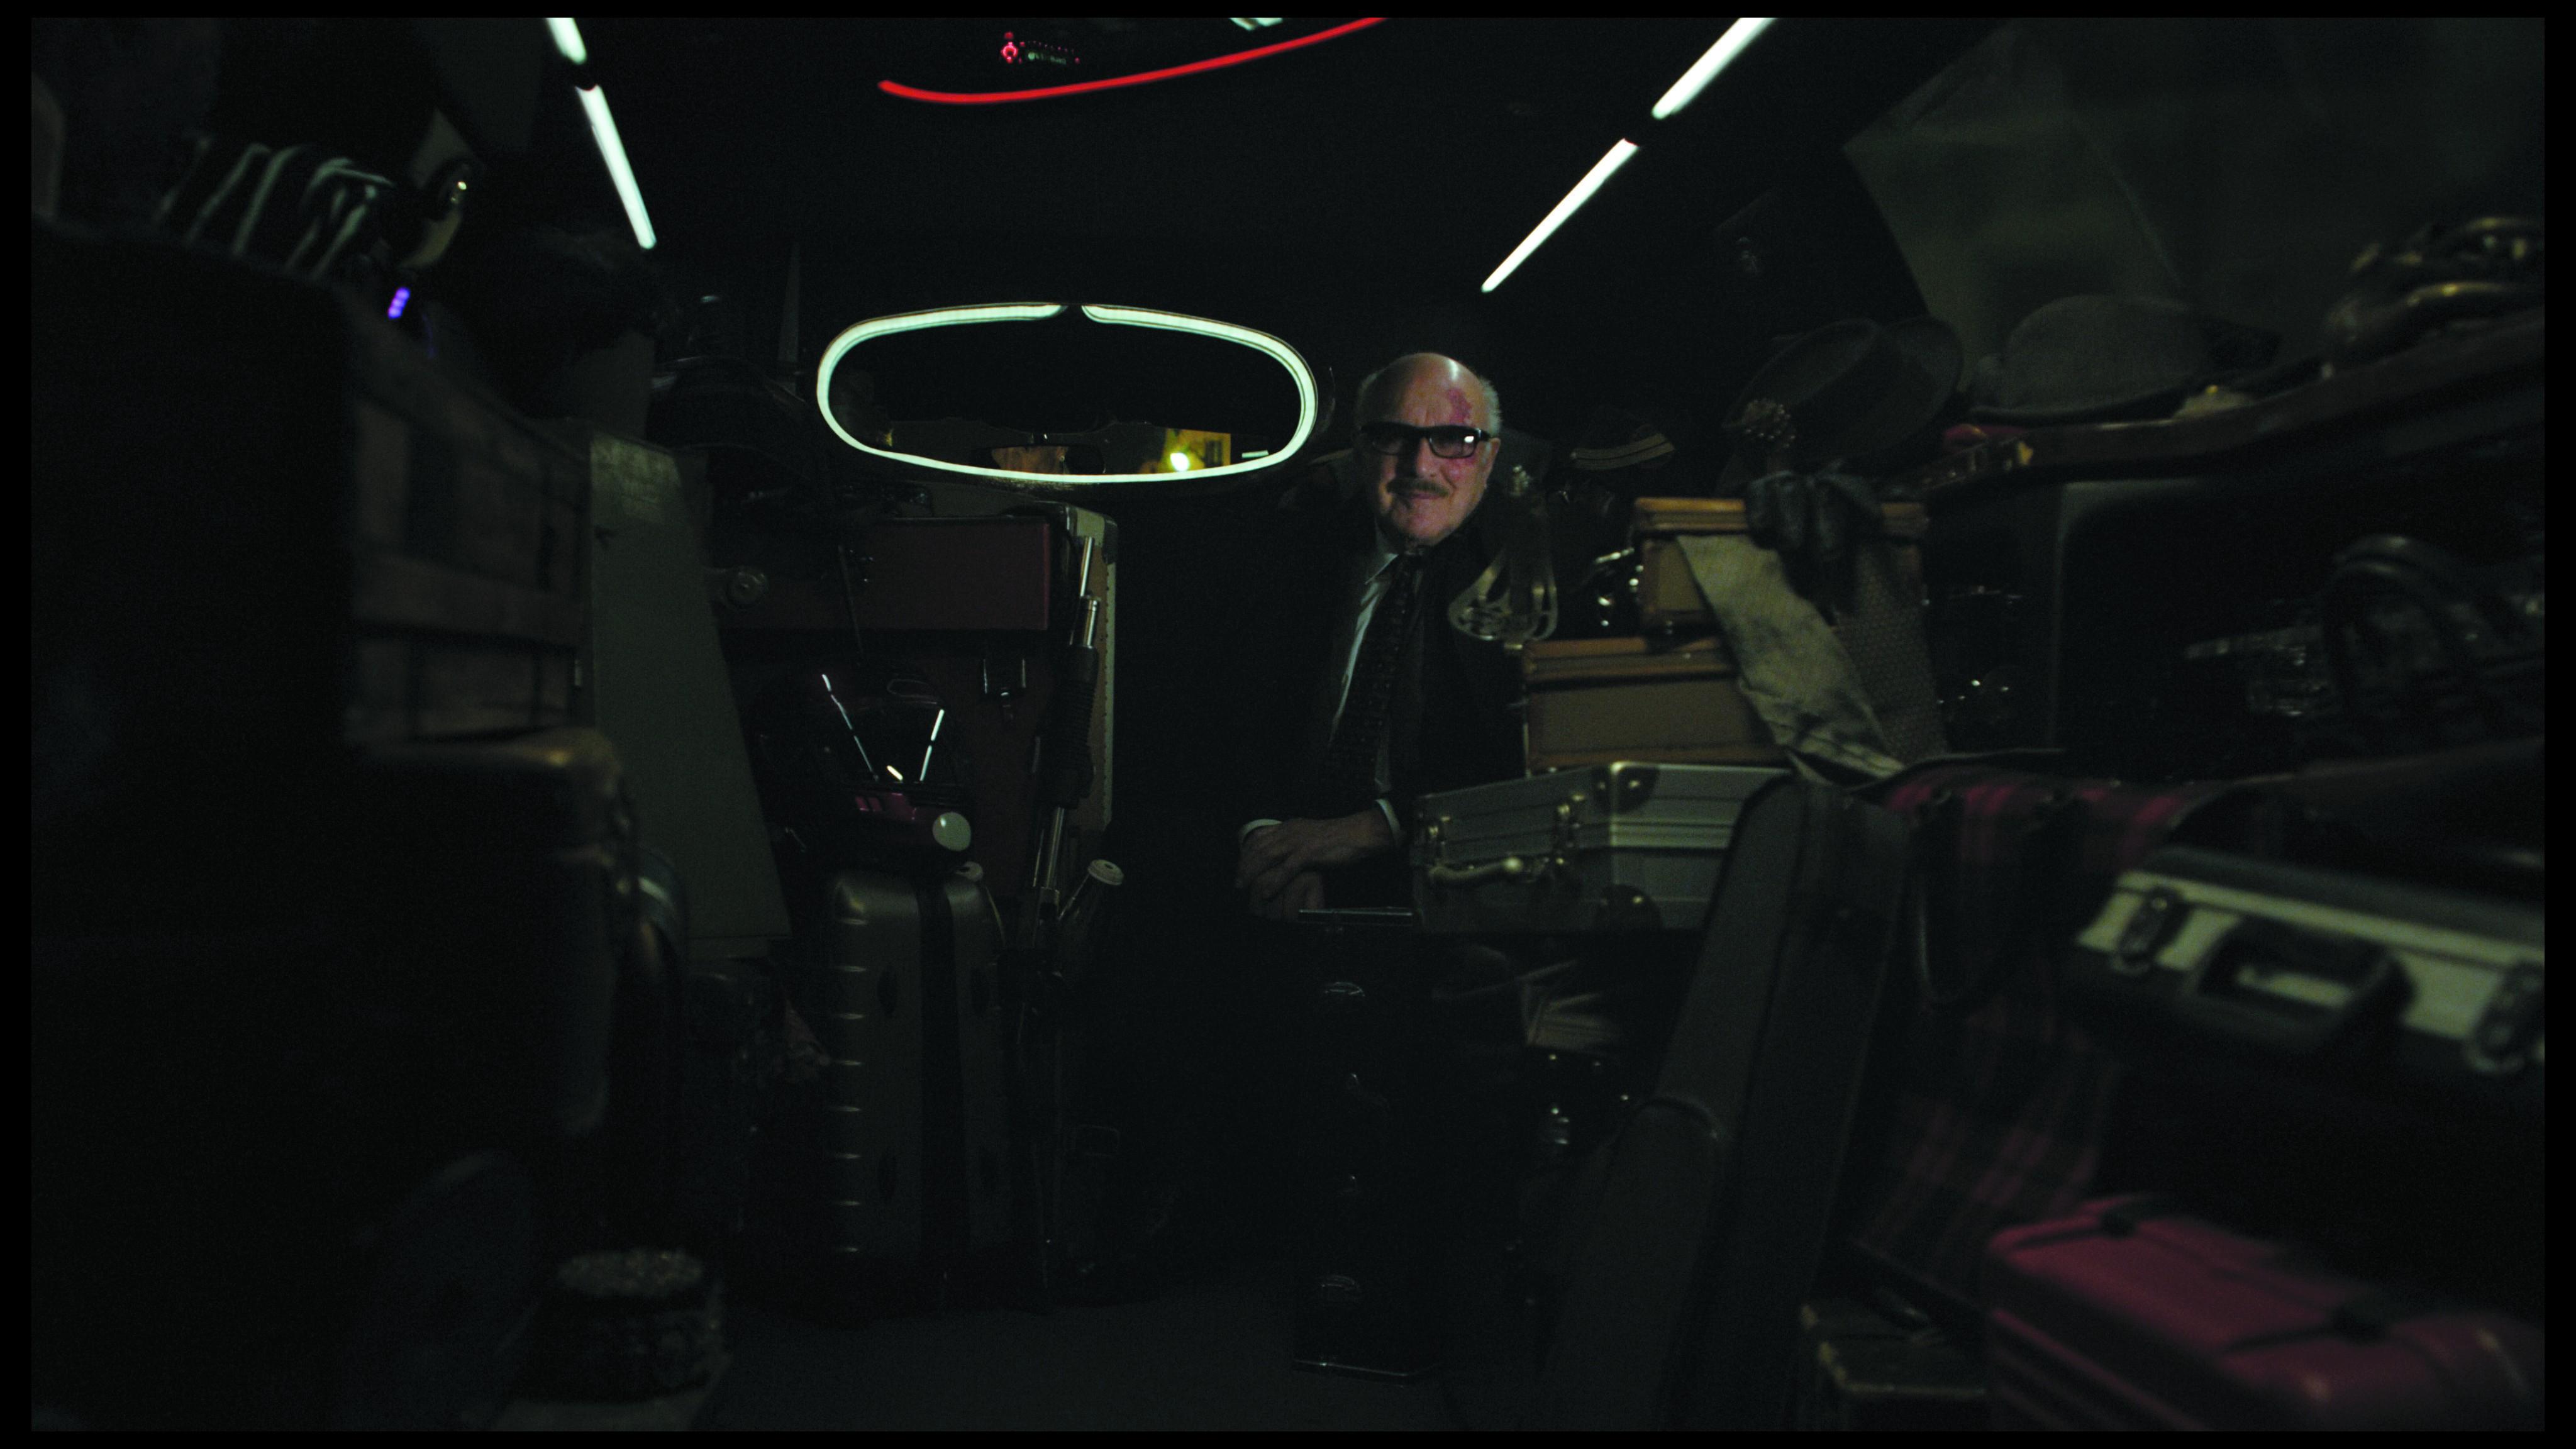 кадры из фильма Корпорация «Святые моторы» Мишель Пикколи,